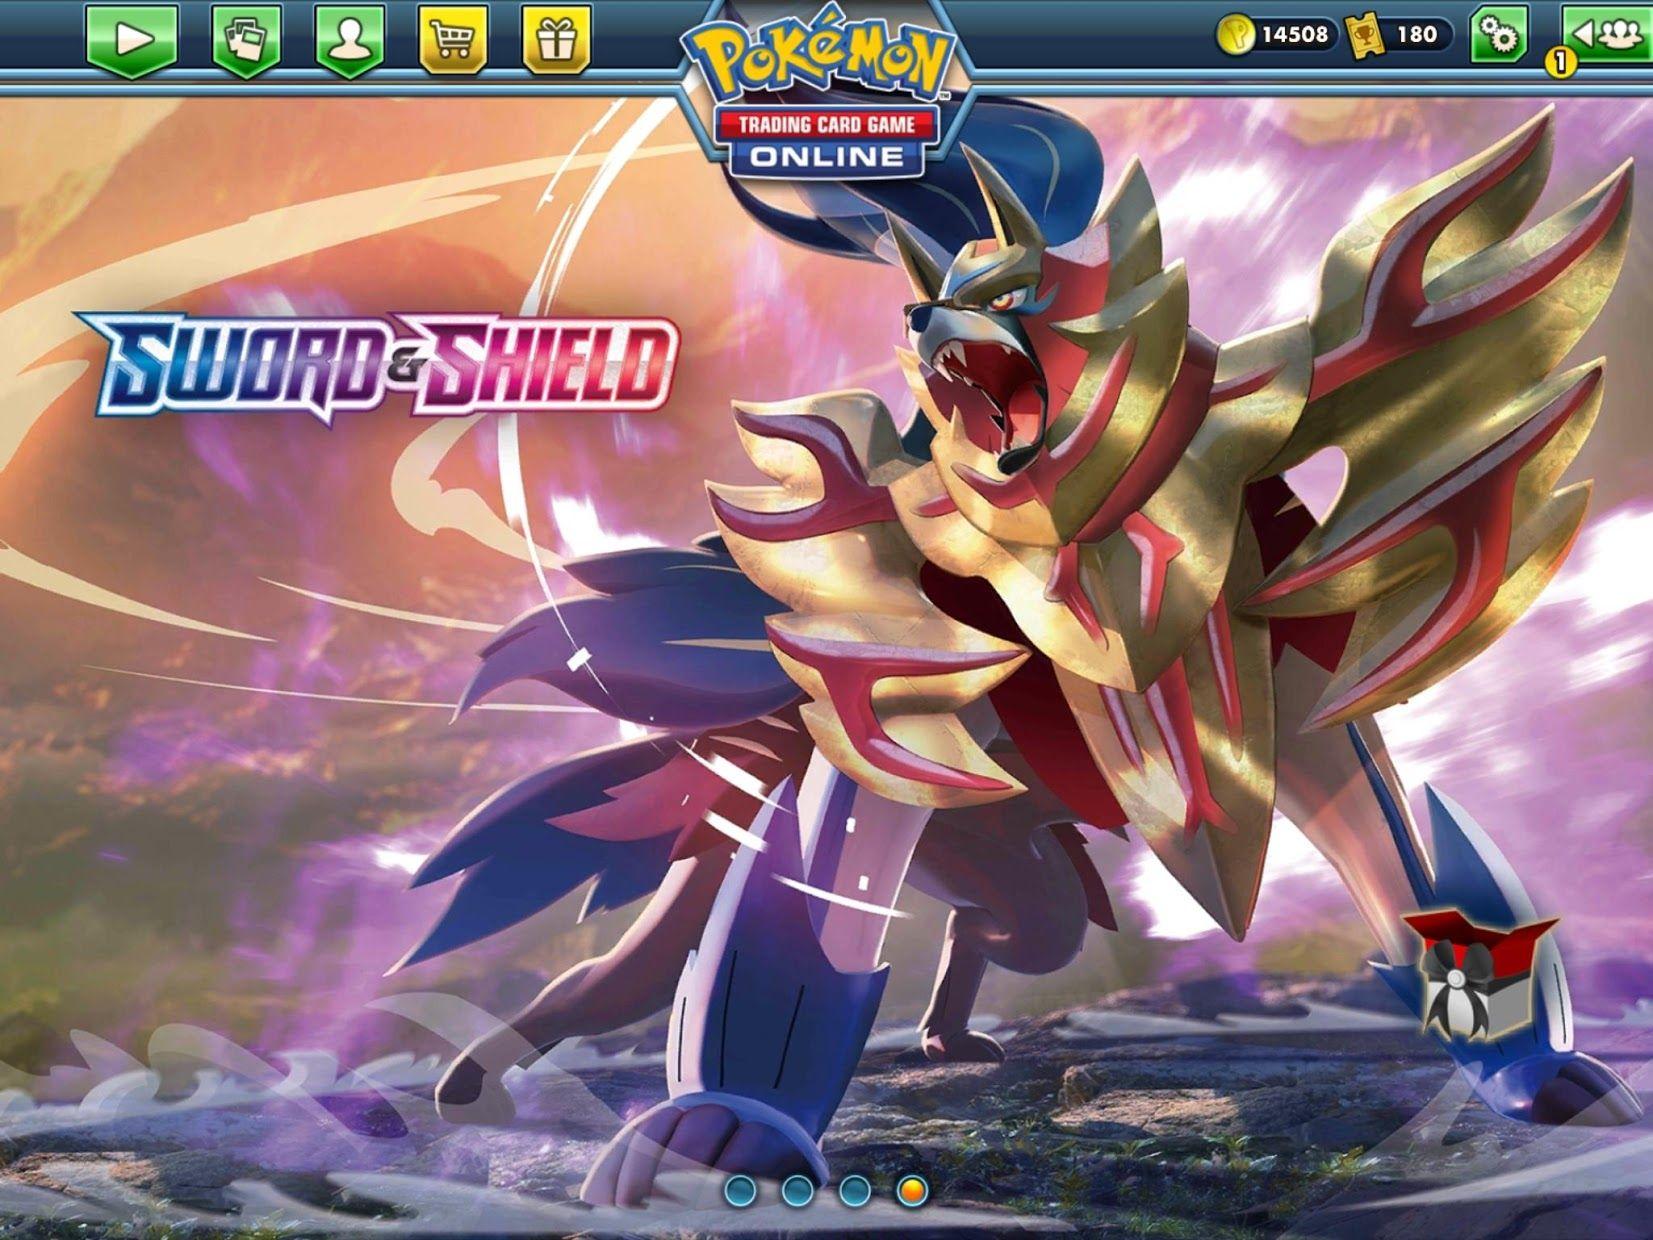 Pokémon TCG Online 游戏截图1